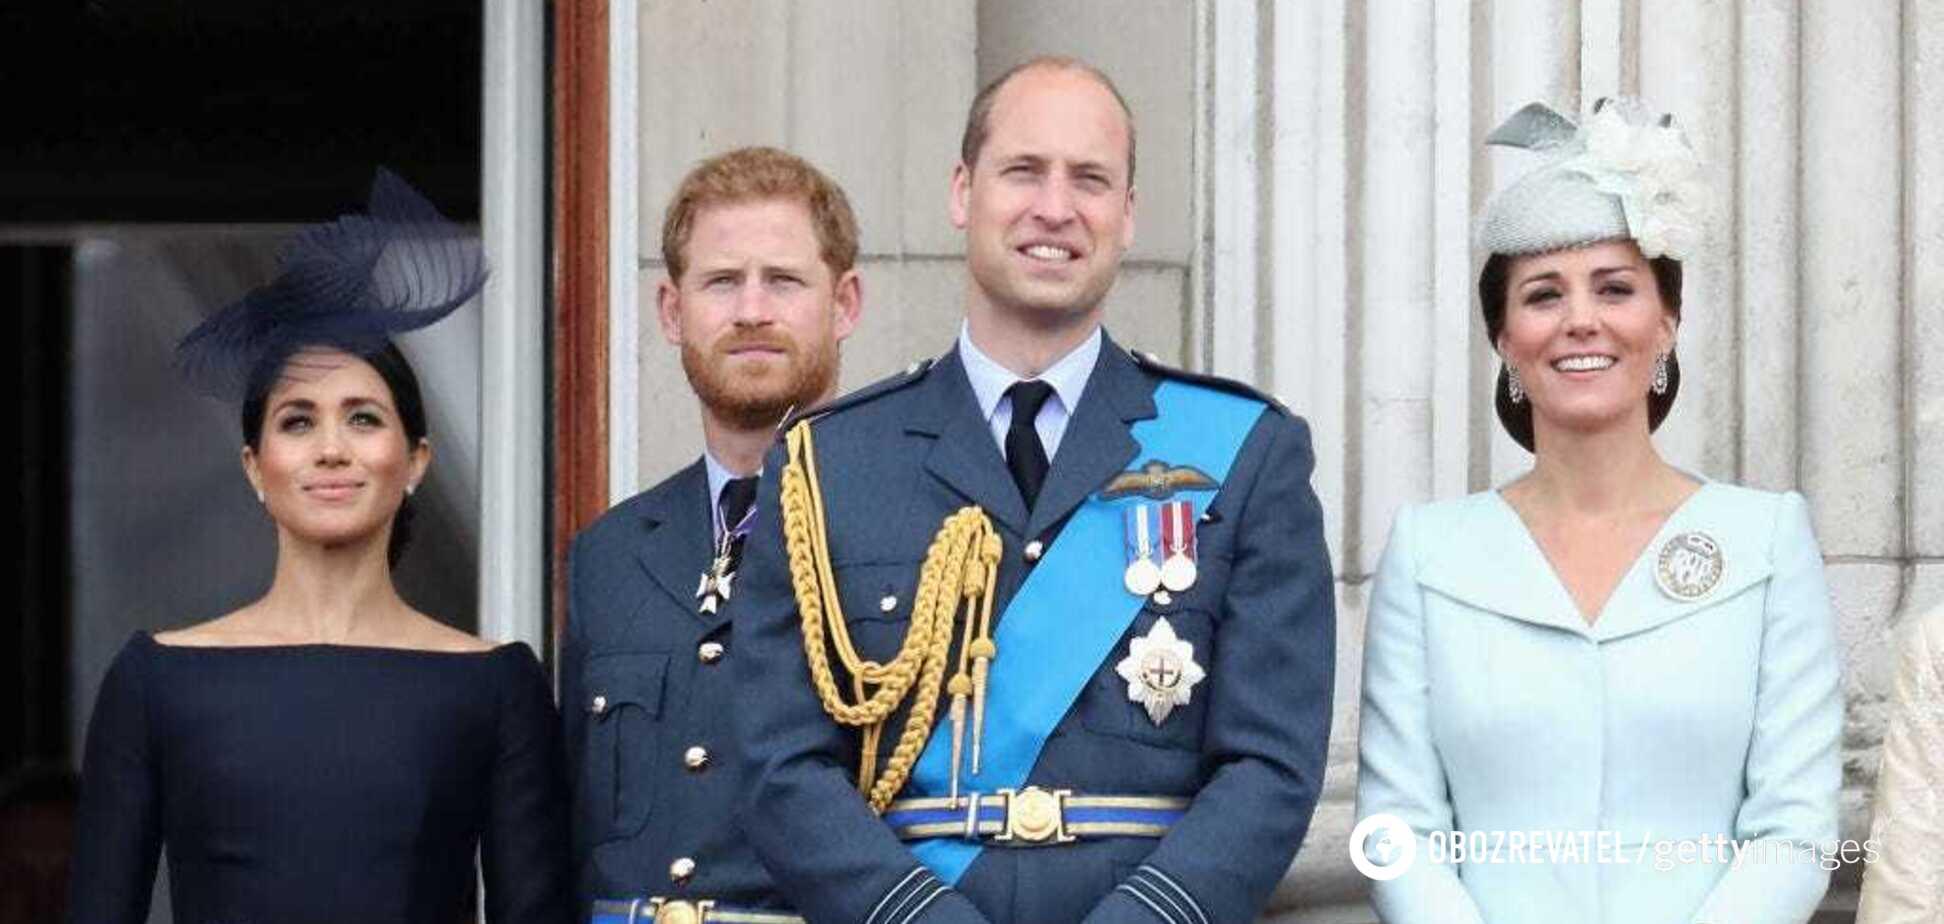 Принц Гарри и принц Уильям с супругами